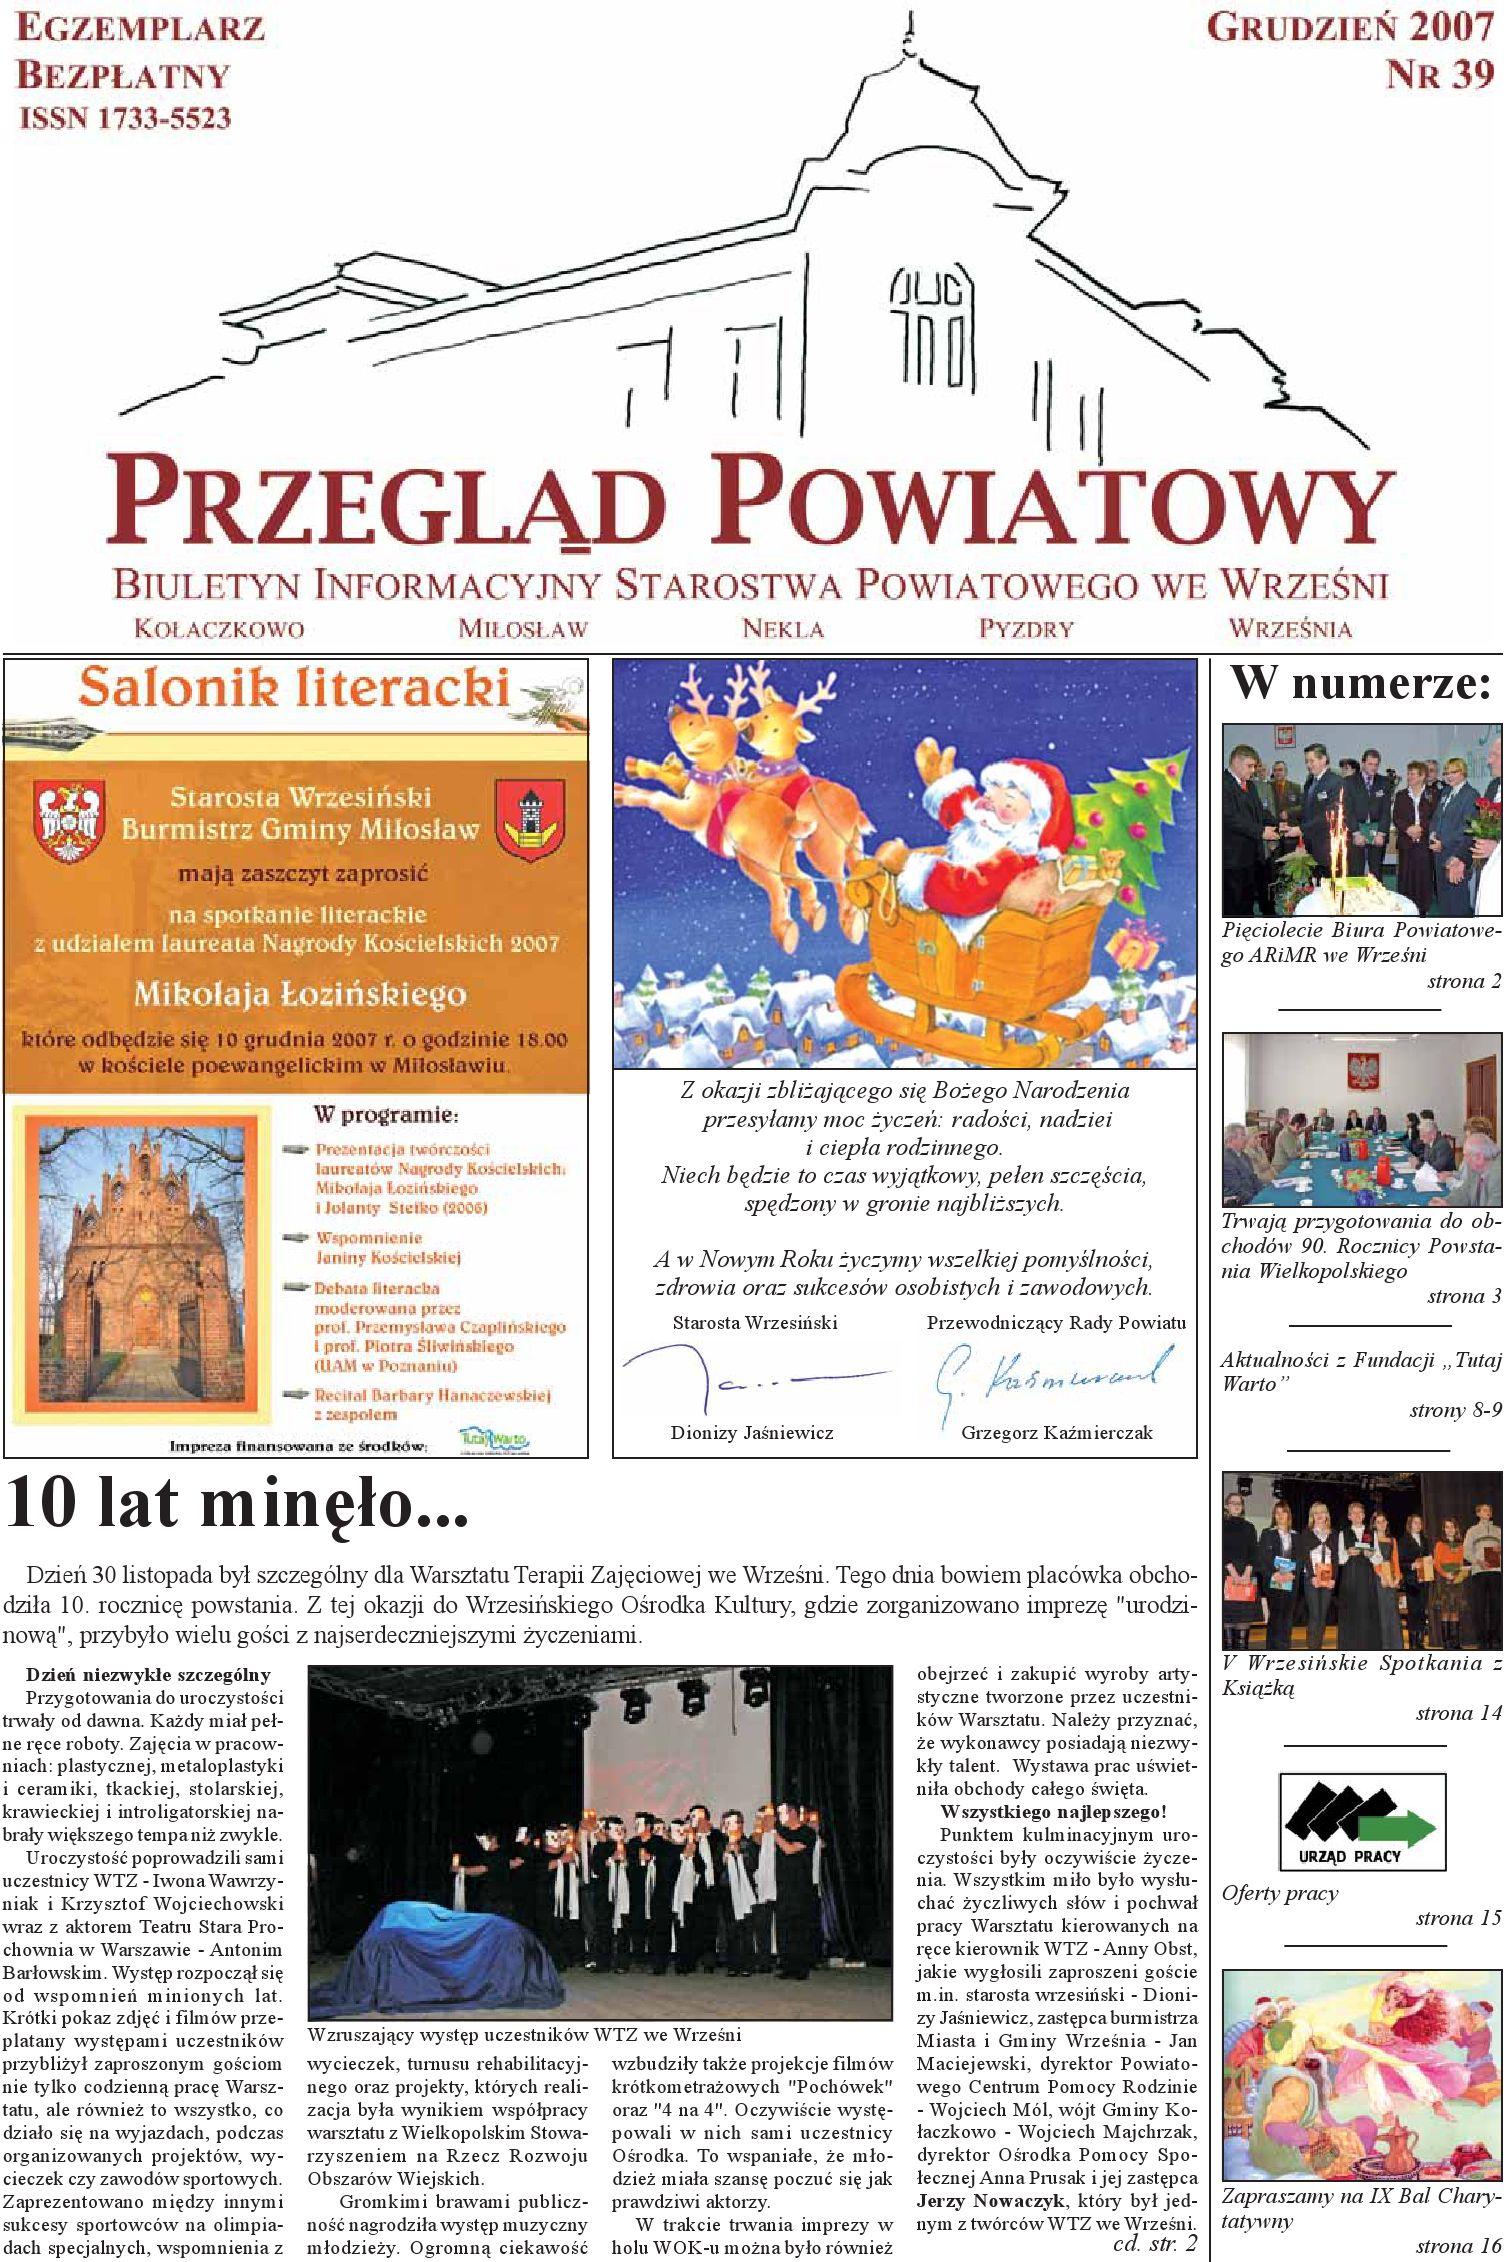 Przegląd Powiatowy Nr 39 Grudzień 2007 By Starostwo